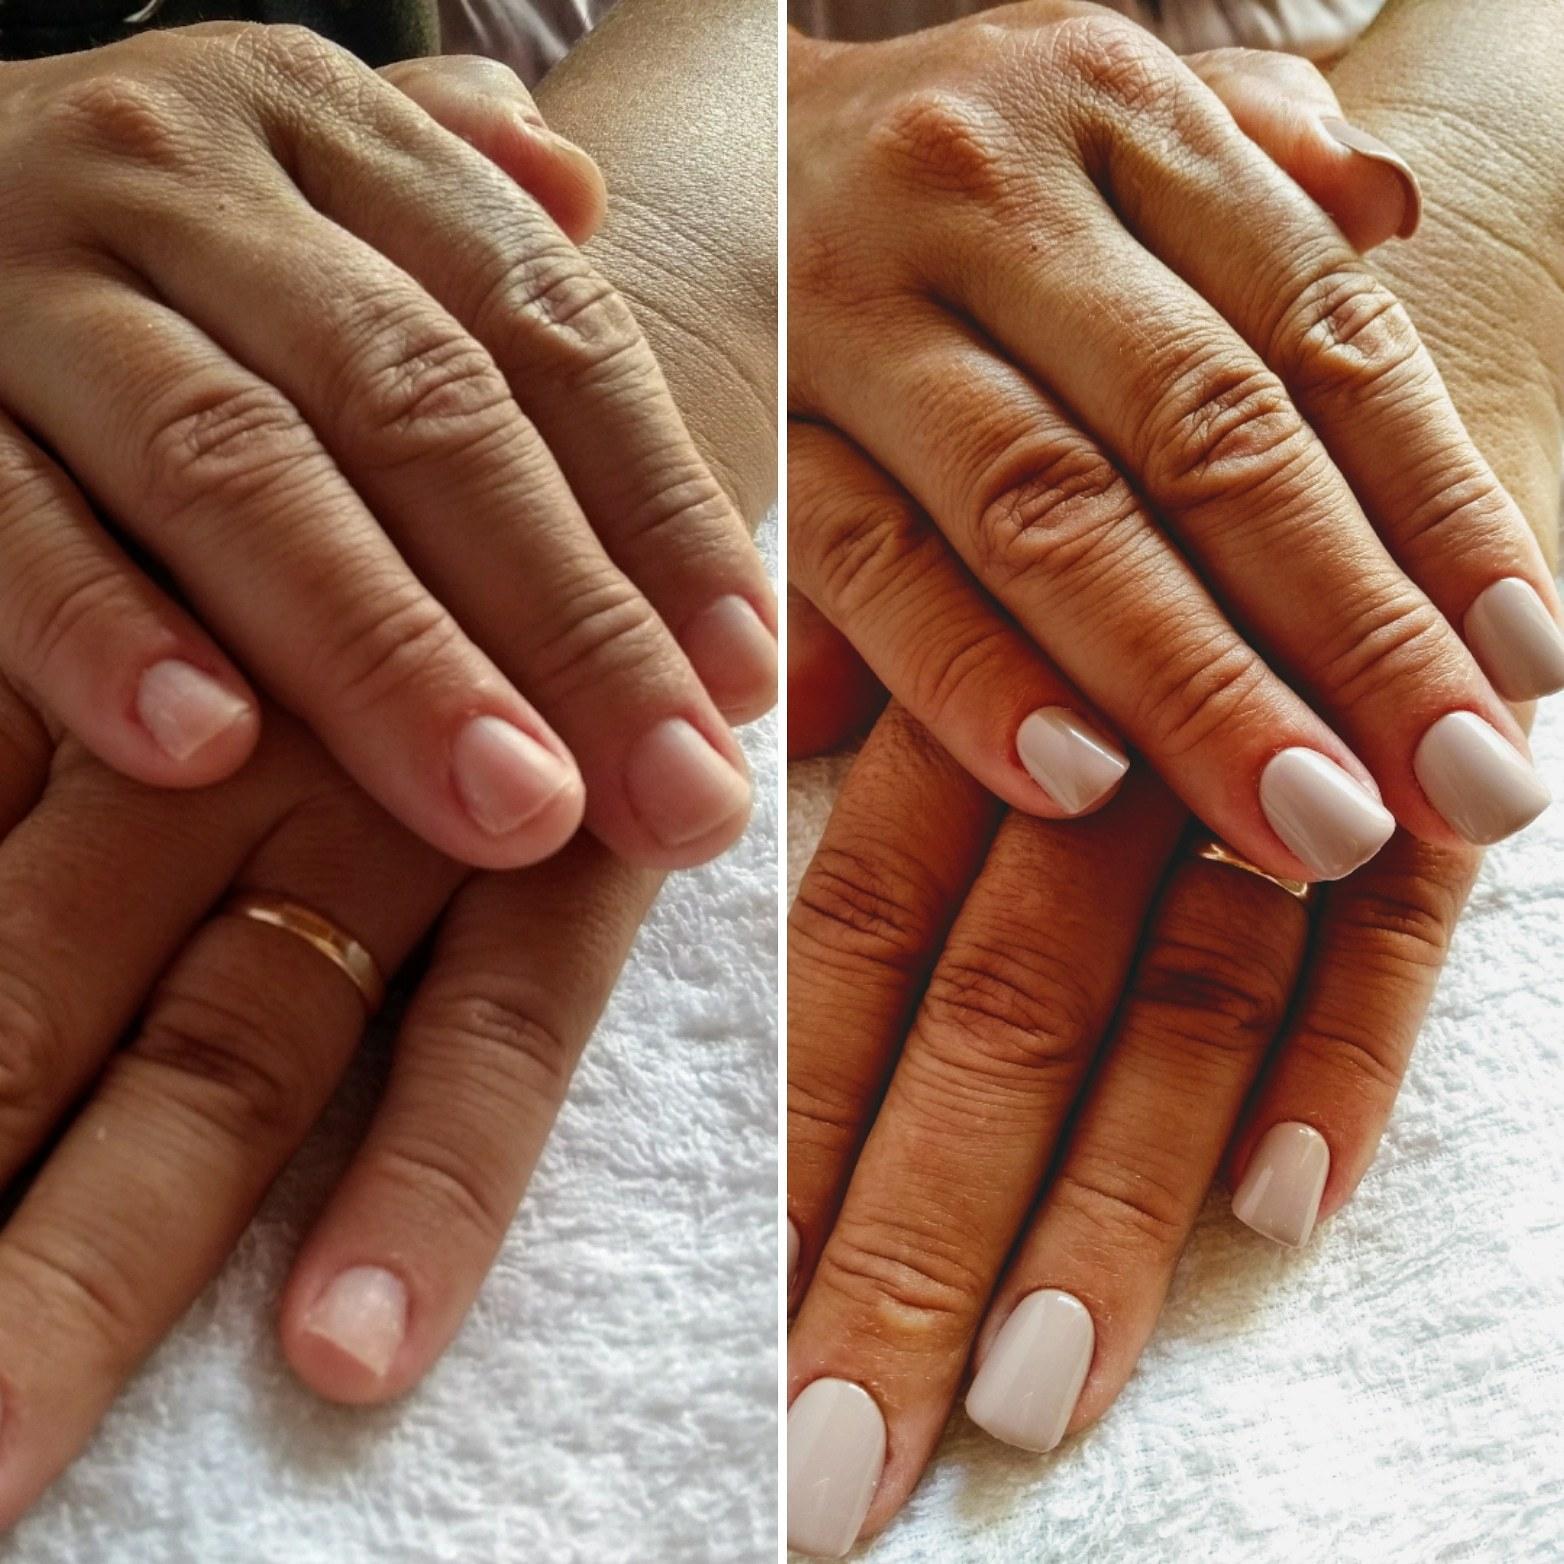 designer de sobrancelhas massoterapeuta depilador(a) manicure e pedicure